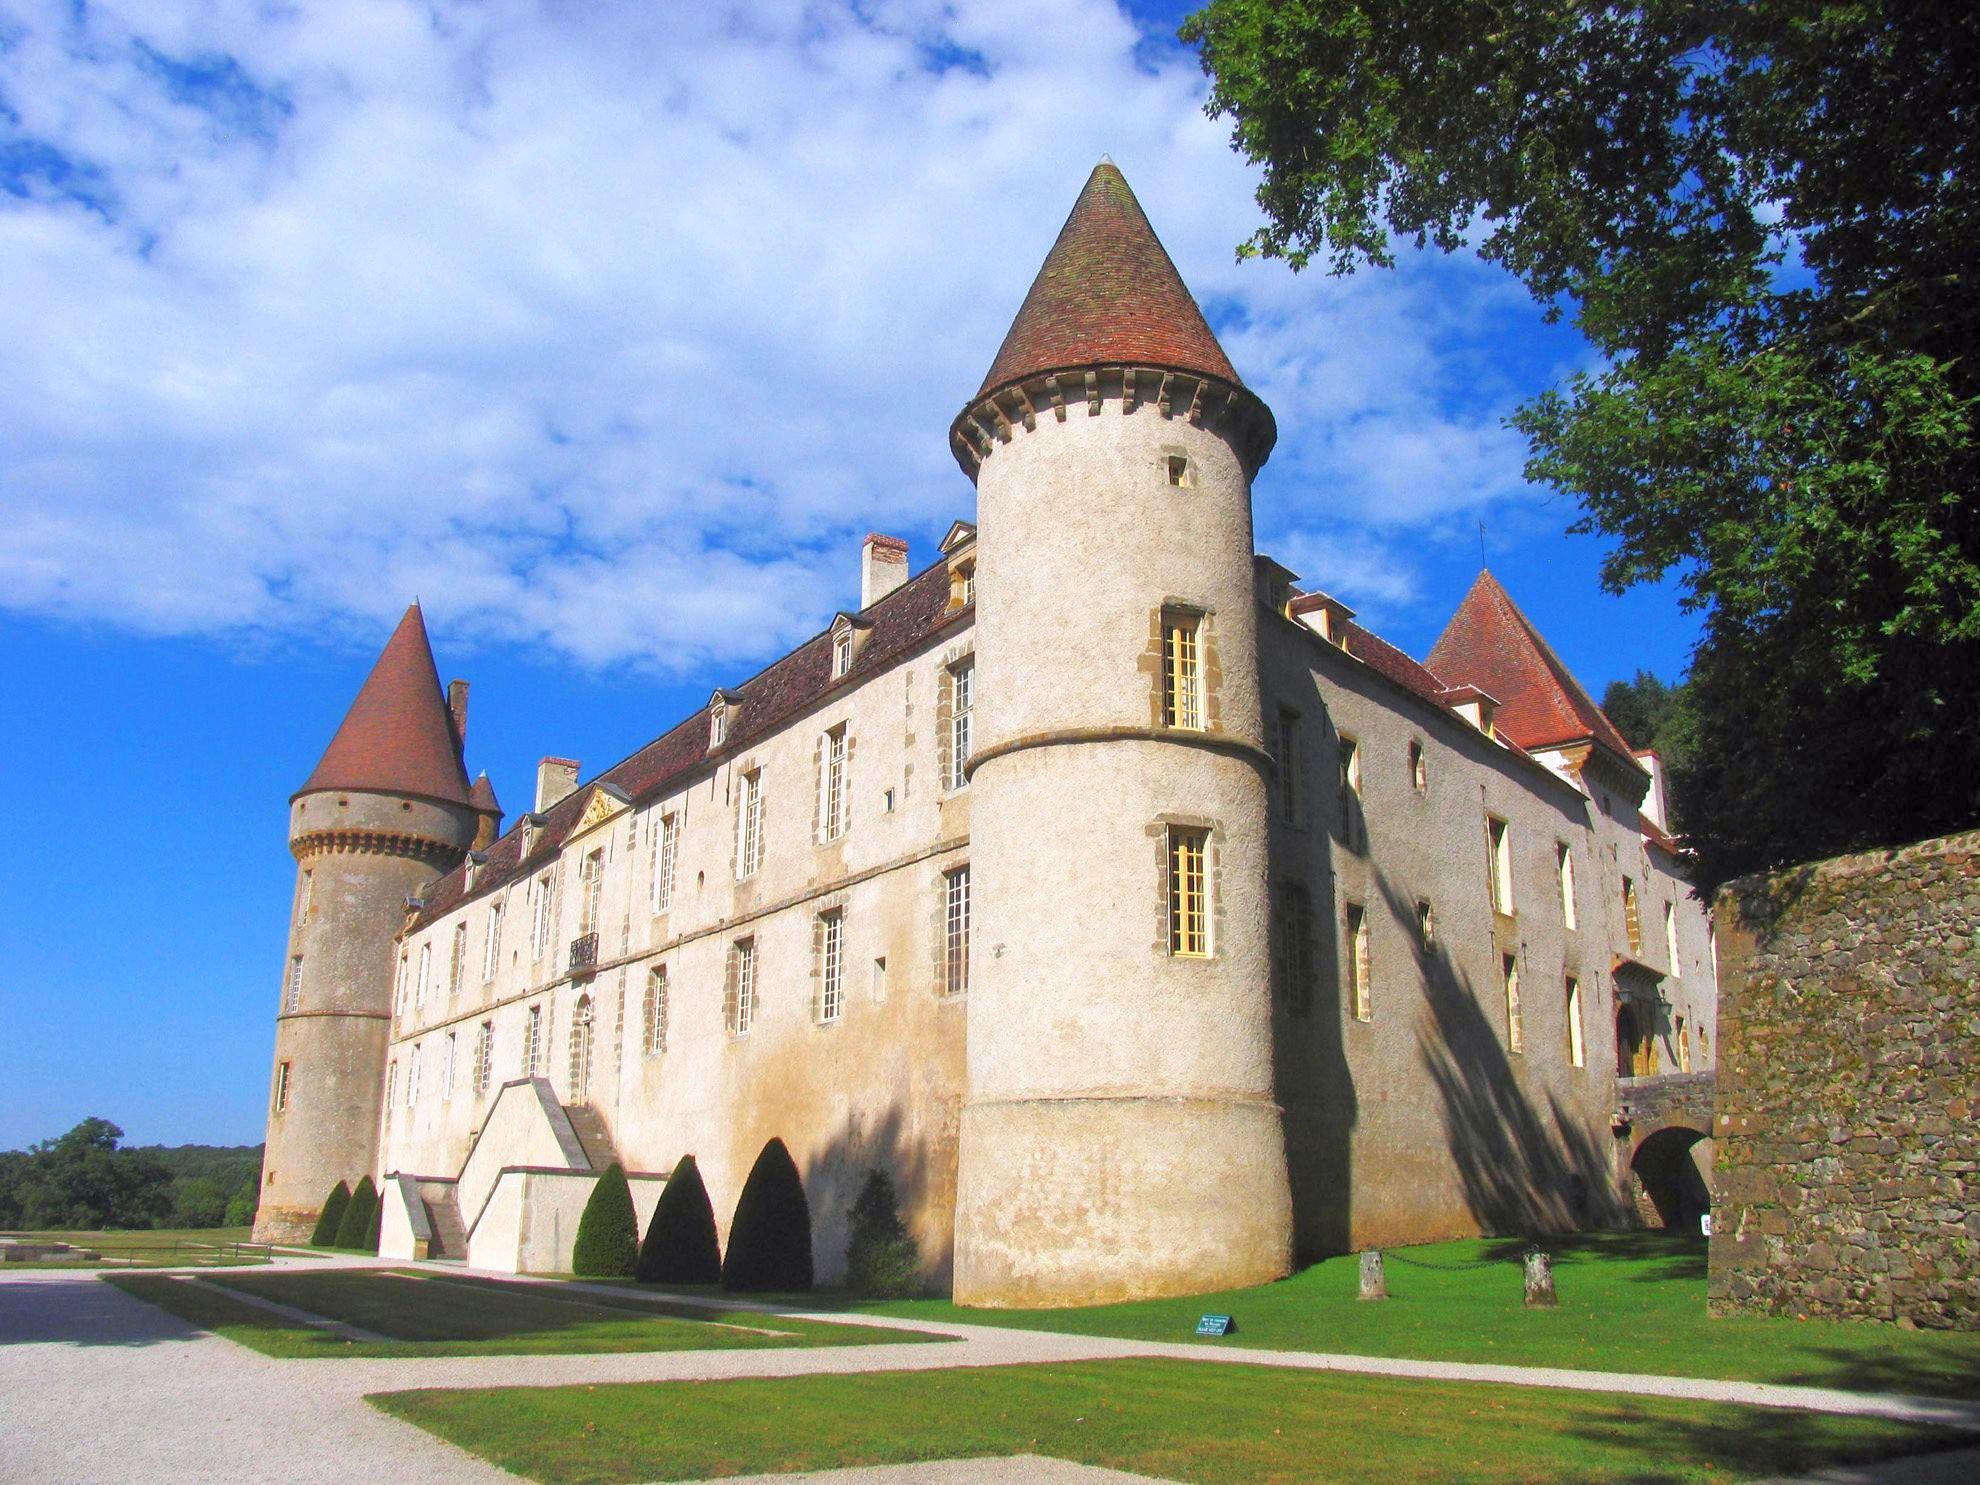 European Waterways L'Art de Vivre Destinations Chateau de Bazoches Burgundy L'Art de Vivre Route.jpg